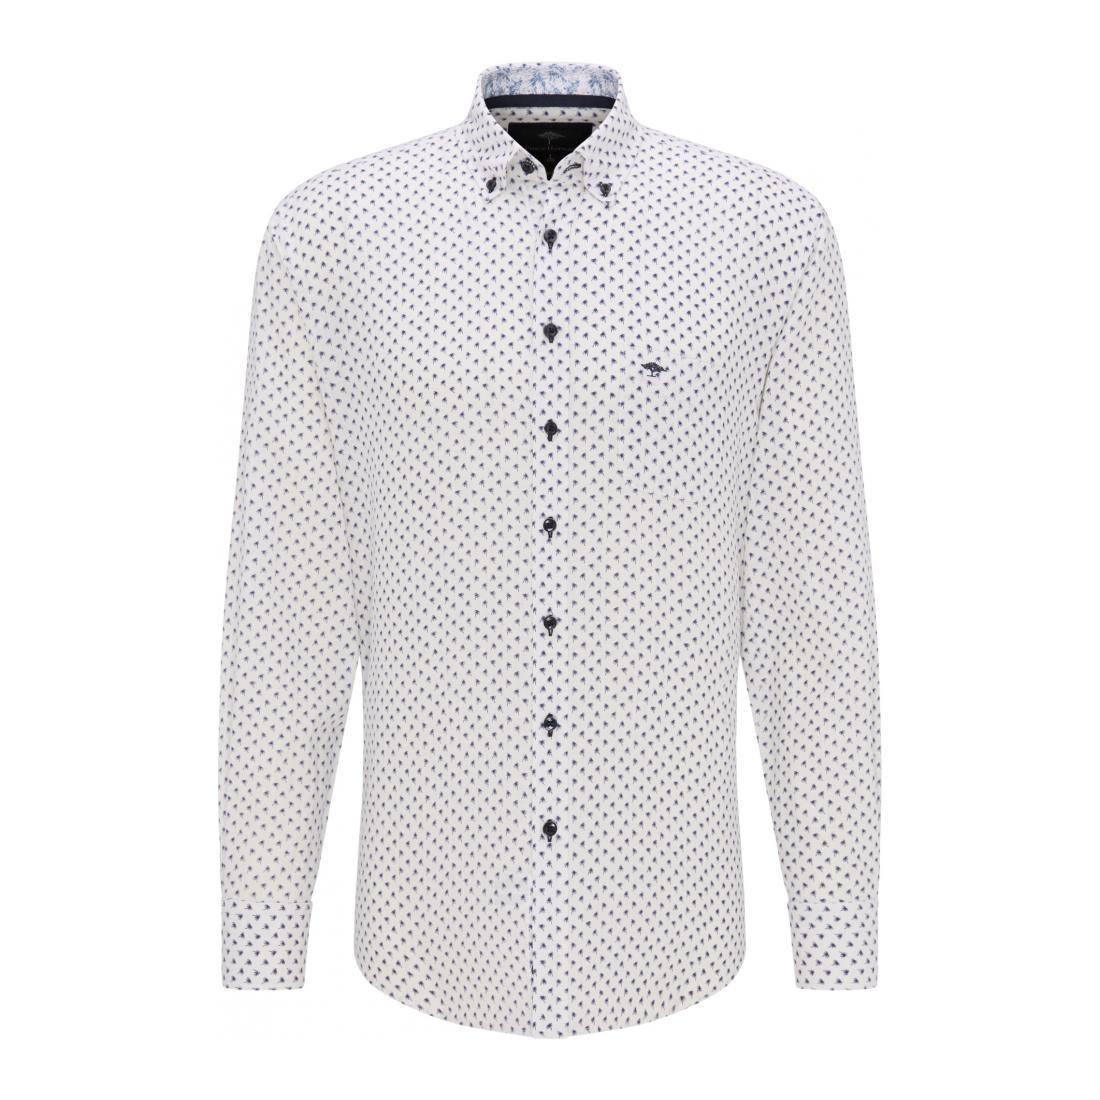 Fynch-Hatton Casual Hemden Herren Linen Blend Print Story,